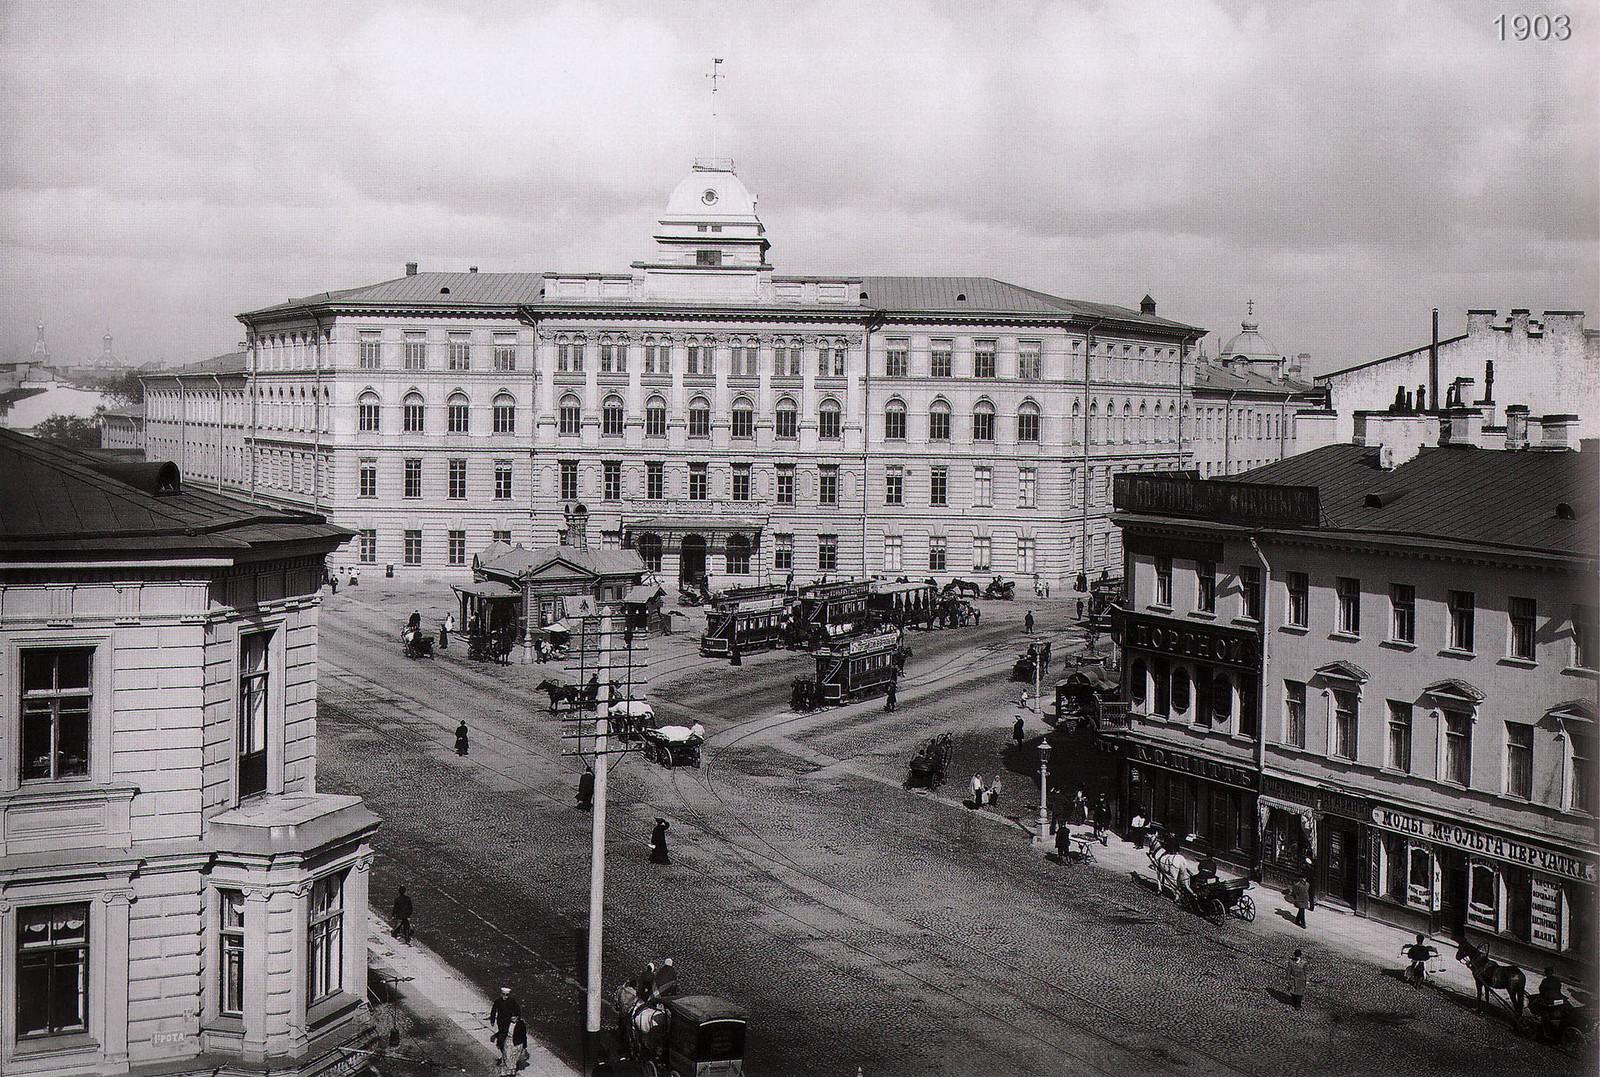 1903. Технологический институт